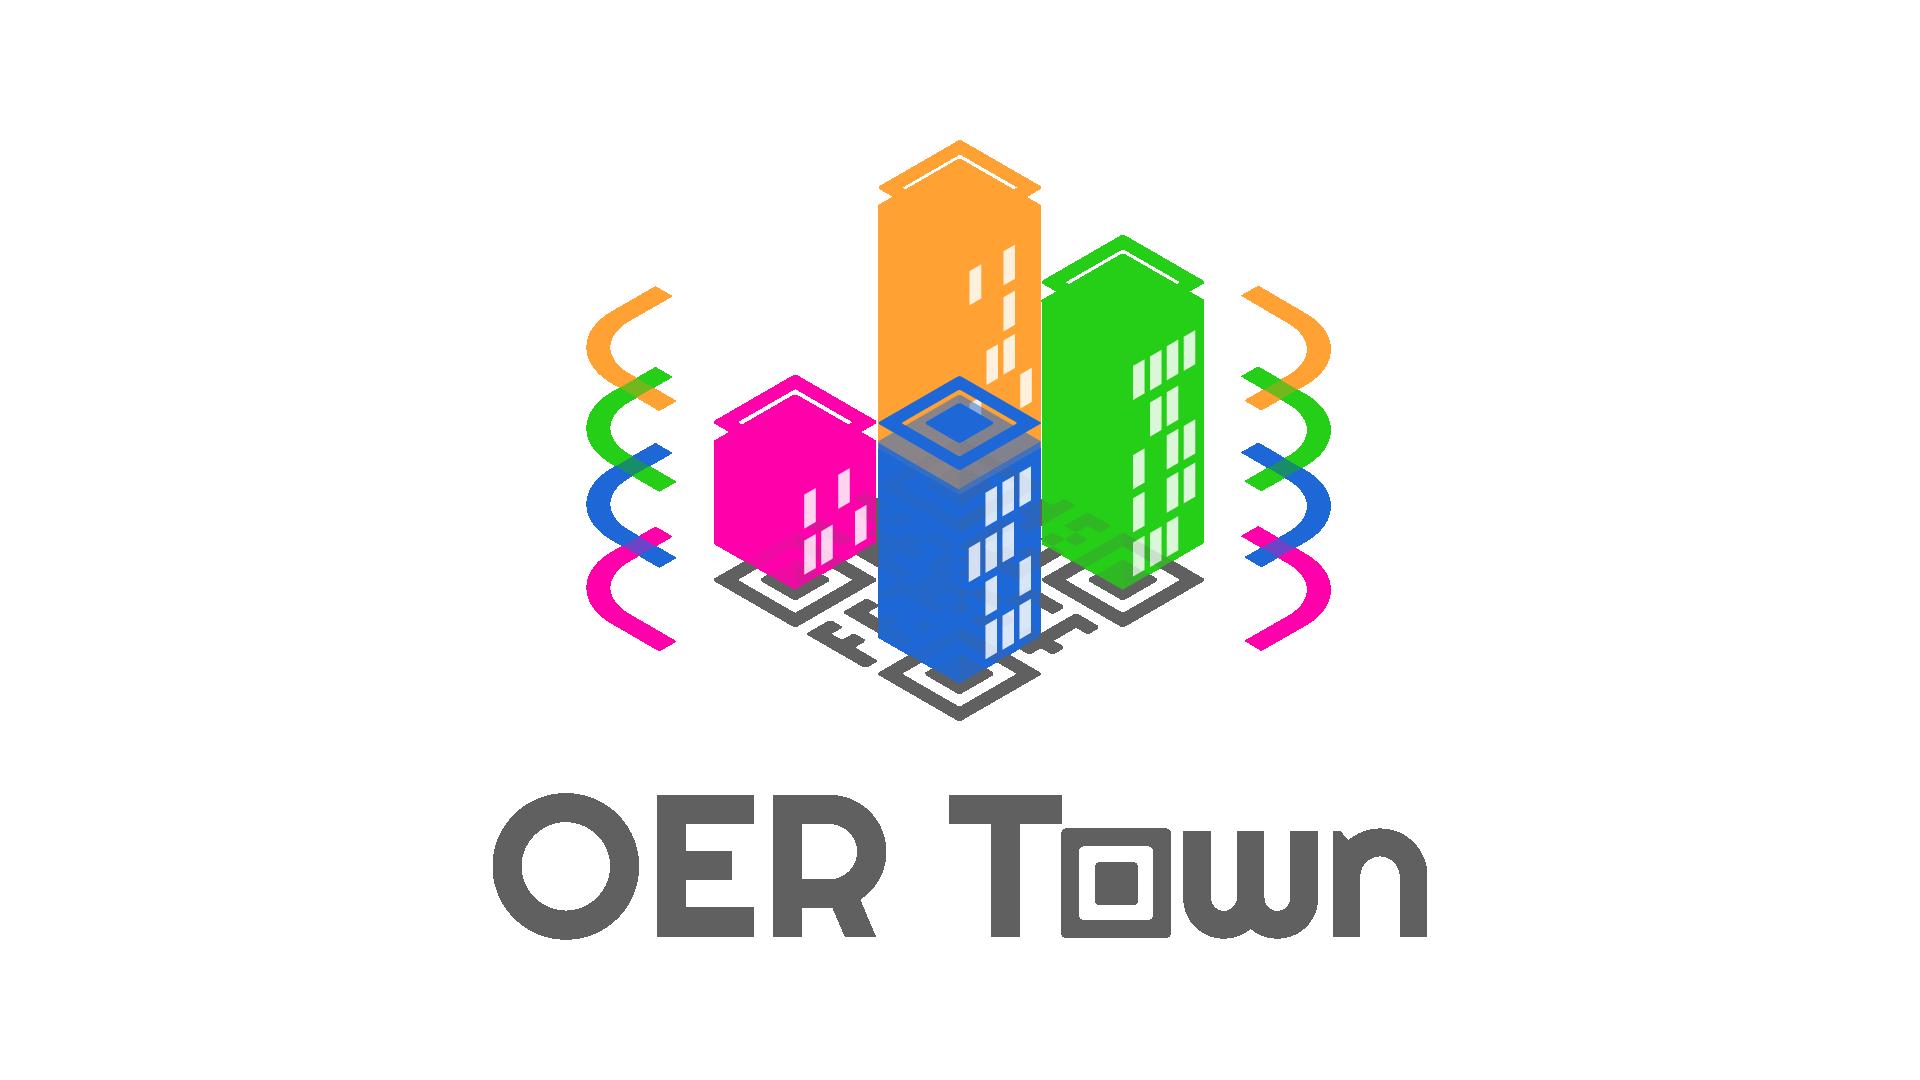 OER Town